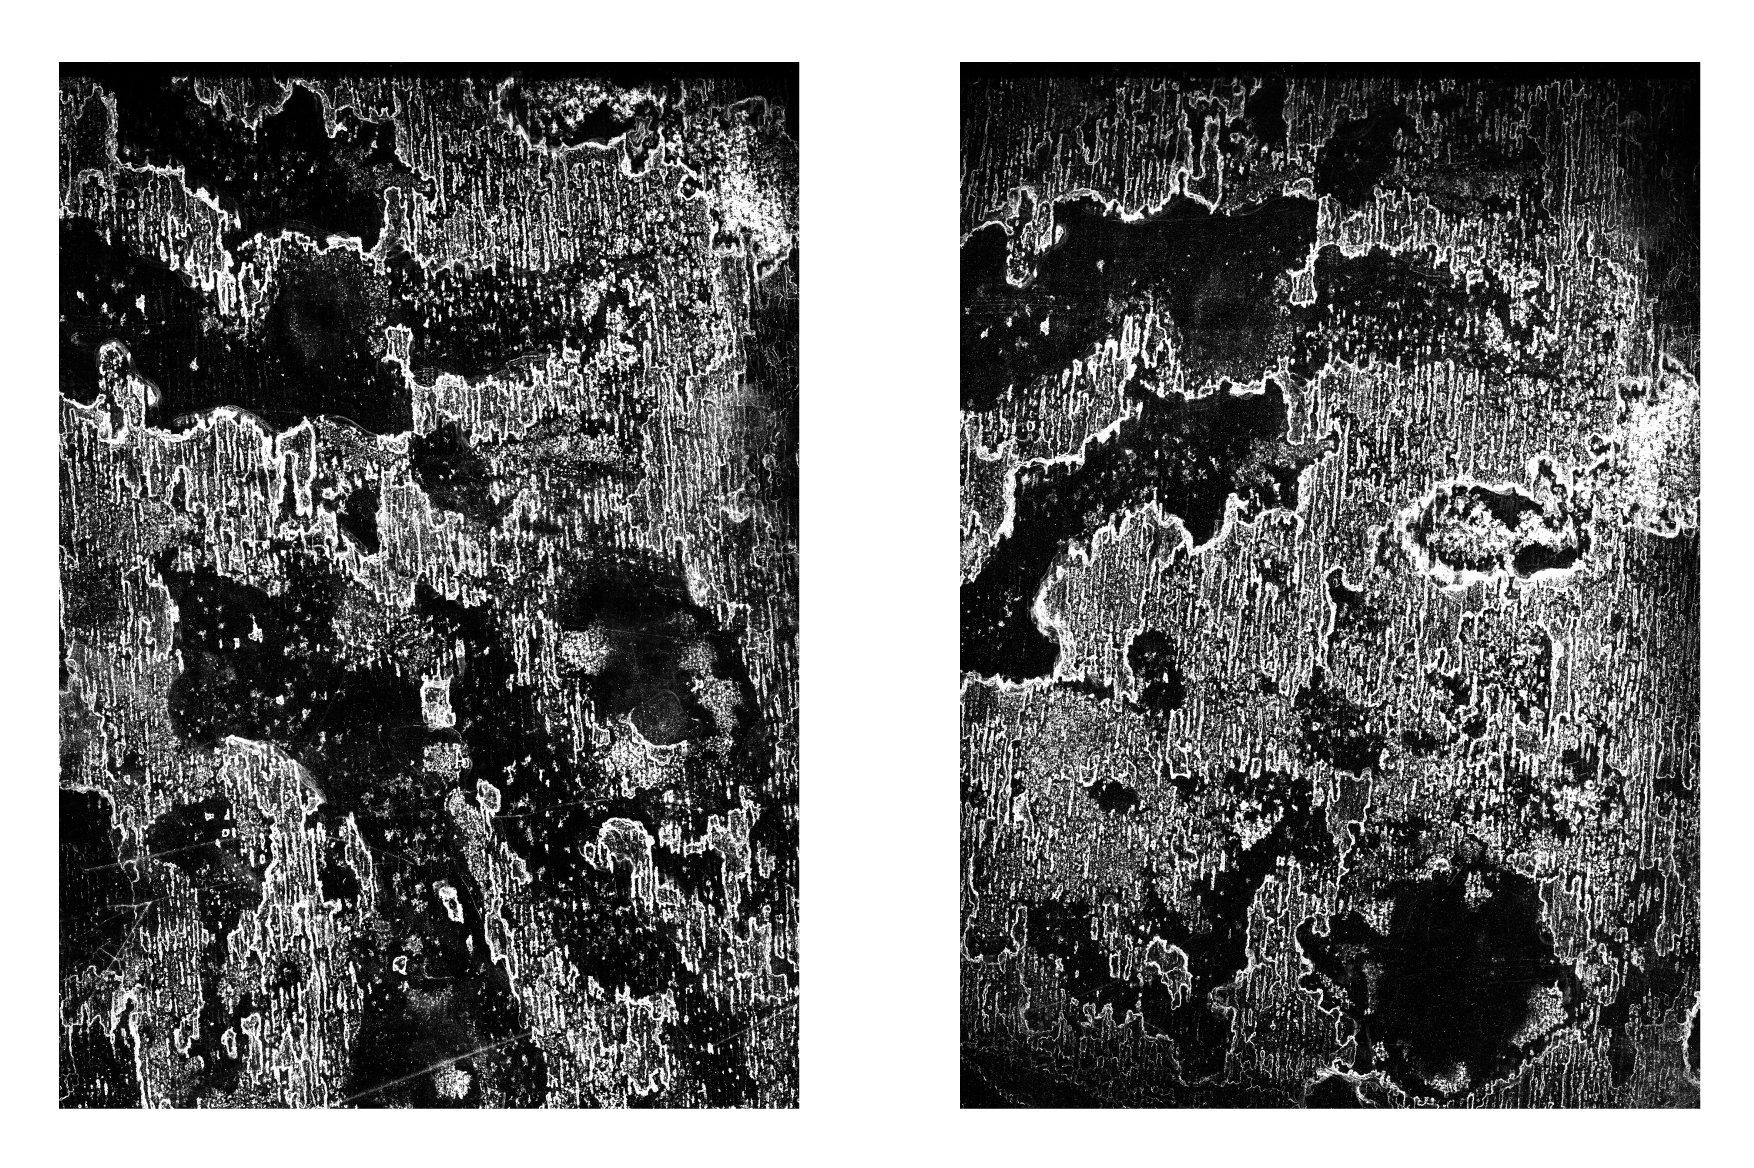 156款复古做旧折痕磨损褶皱纸张背景纹理素材合集 The Grunge Texture Bundle Vol. 1插图(37)